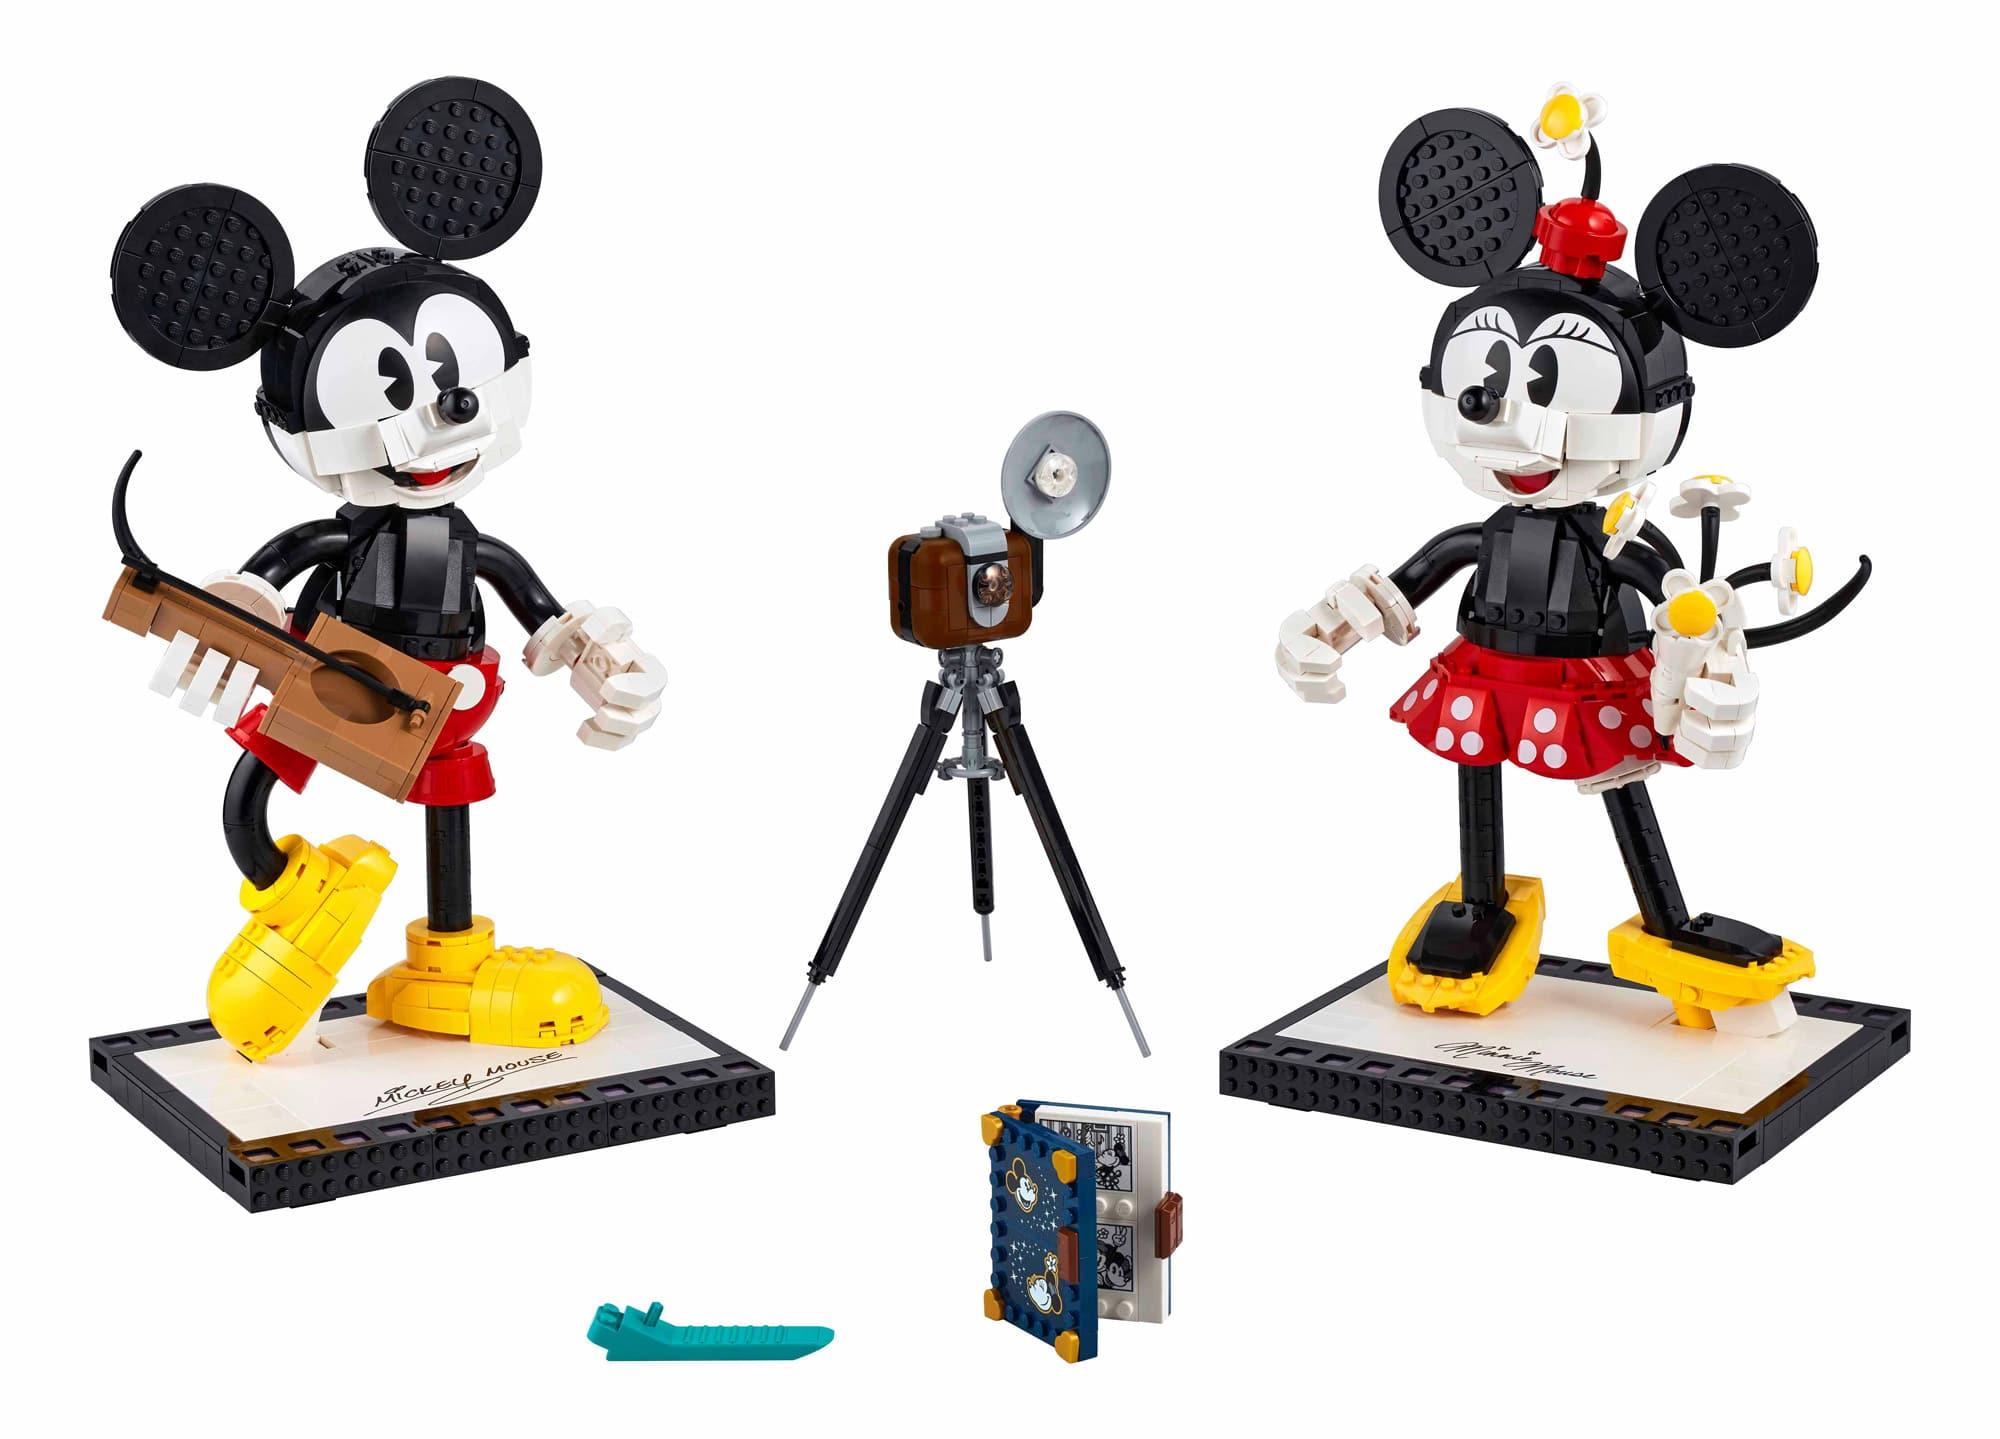 LEGO Disney 43179 Mickey Minnie (Inhalt des Sets)